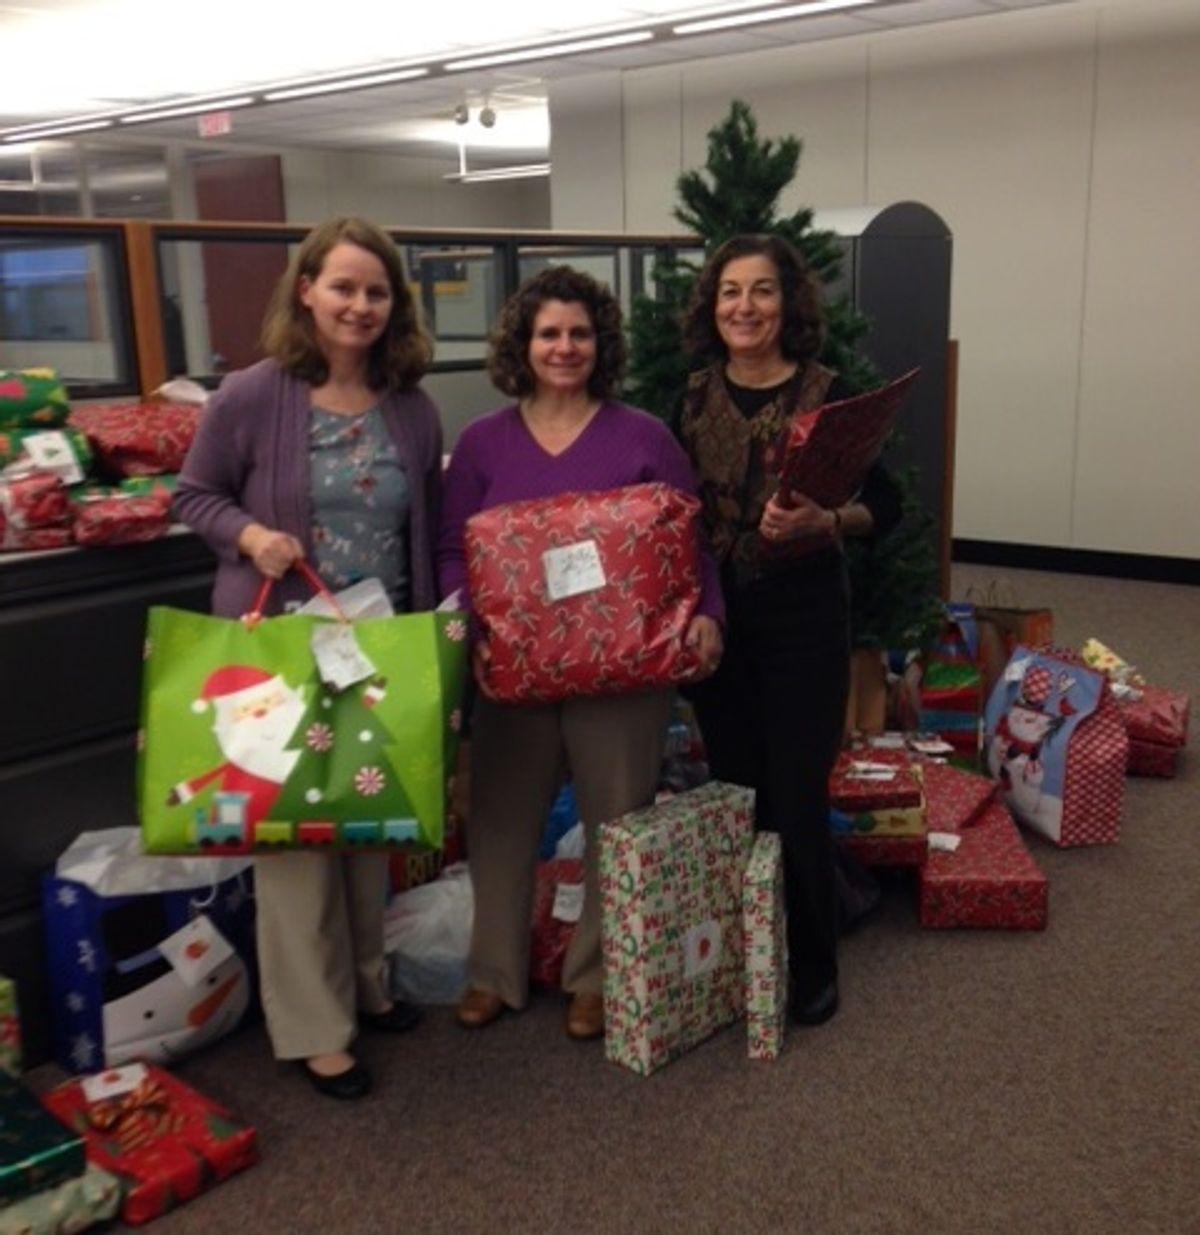 Penske Logistics Associates Make Holidays Bright for Ohio Families